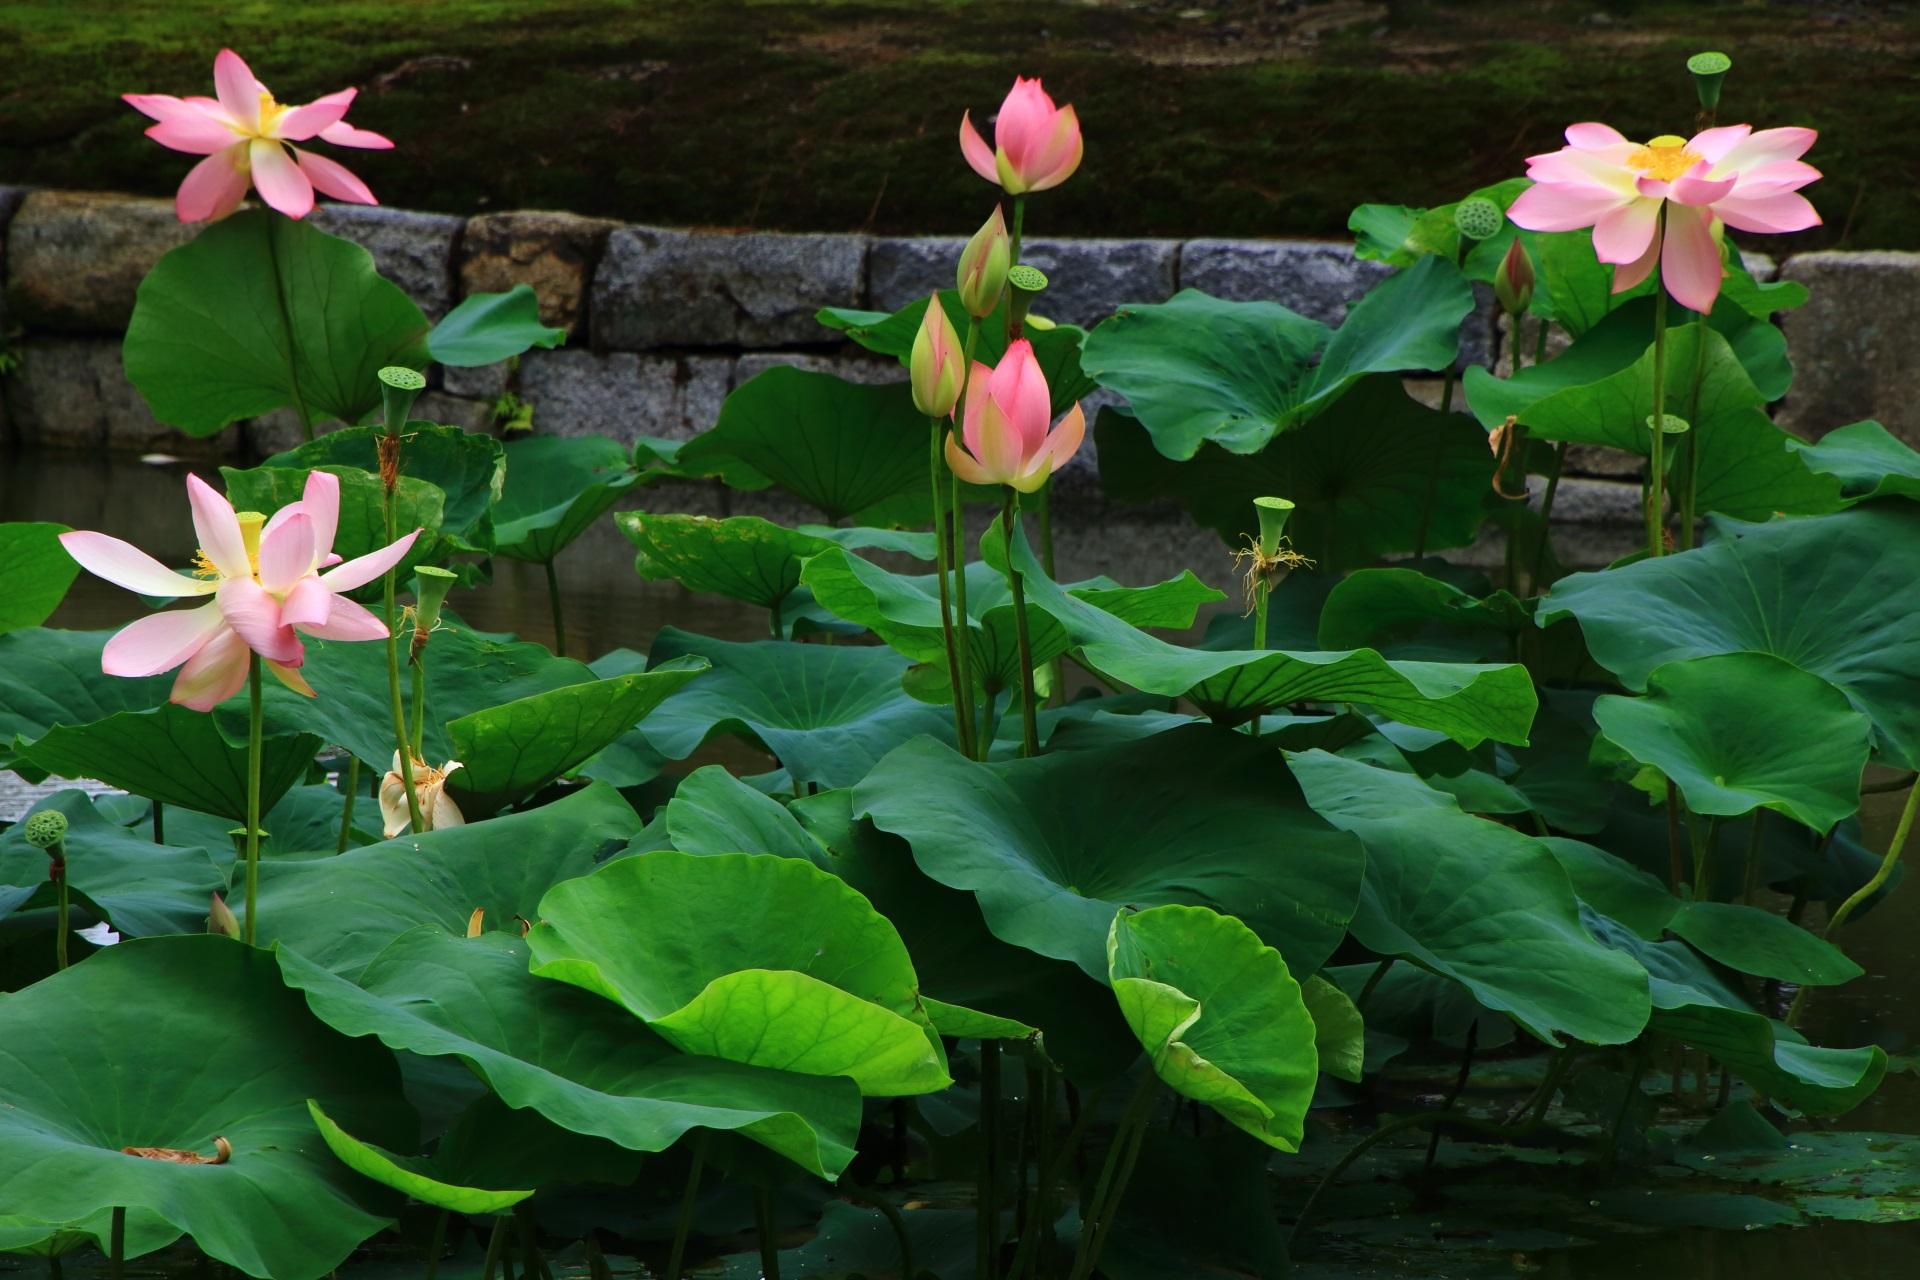 建仁寺の素晴らしい蓮と落ち着いた夏の情景